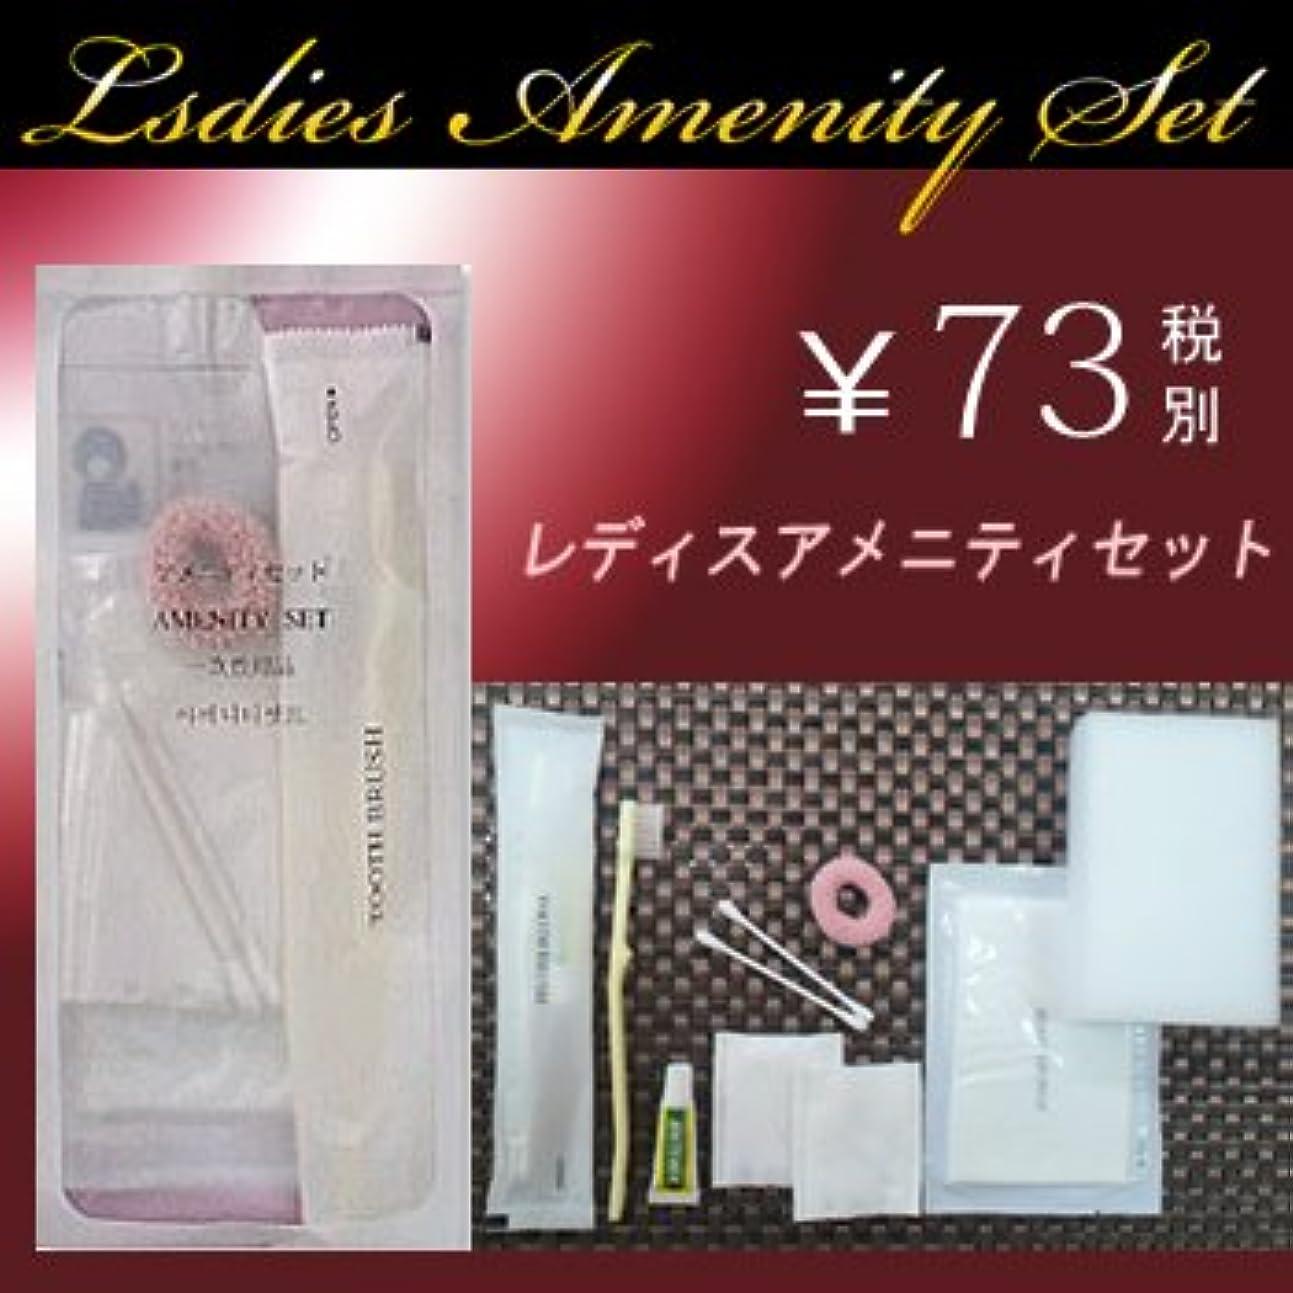 インストール流体陸軍レディスアメニティフルセット袋入(1セット300個入)